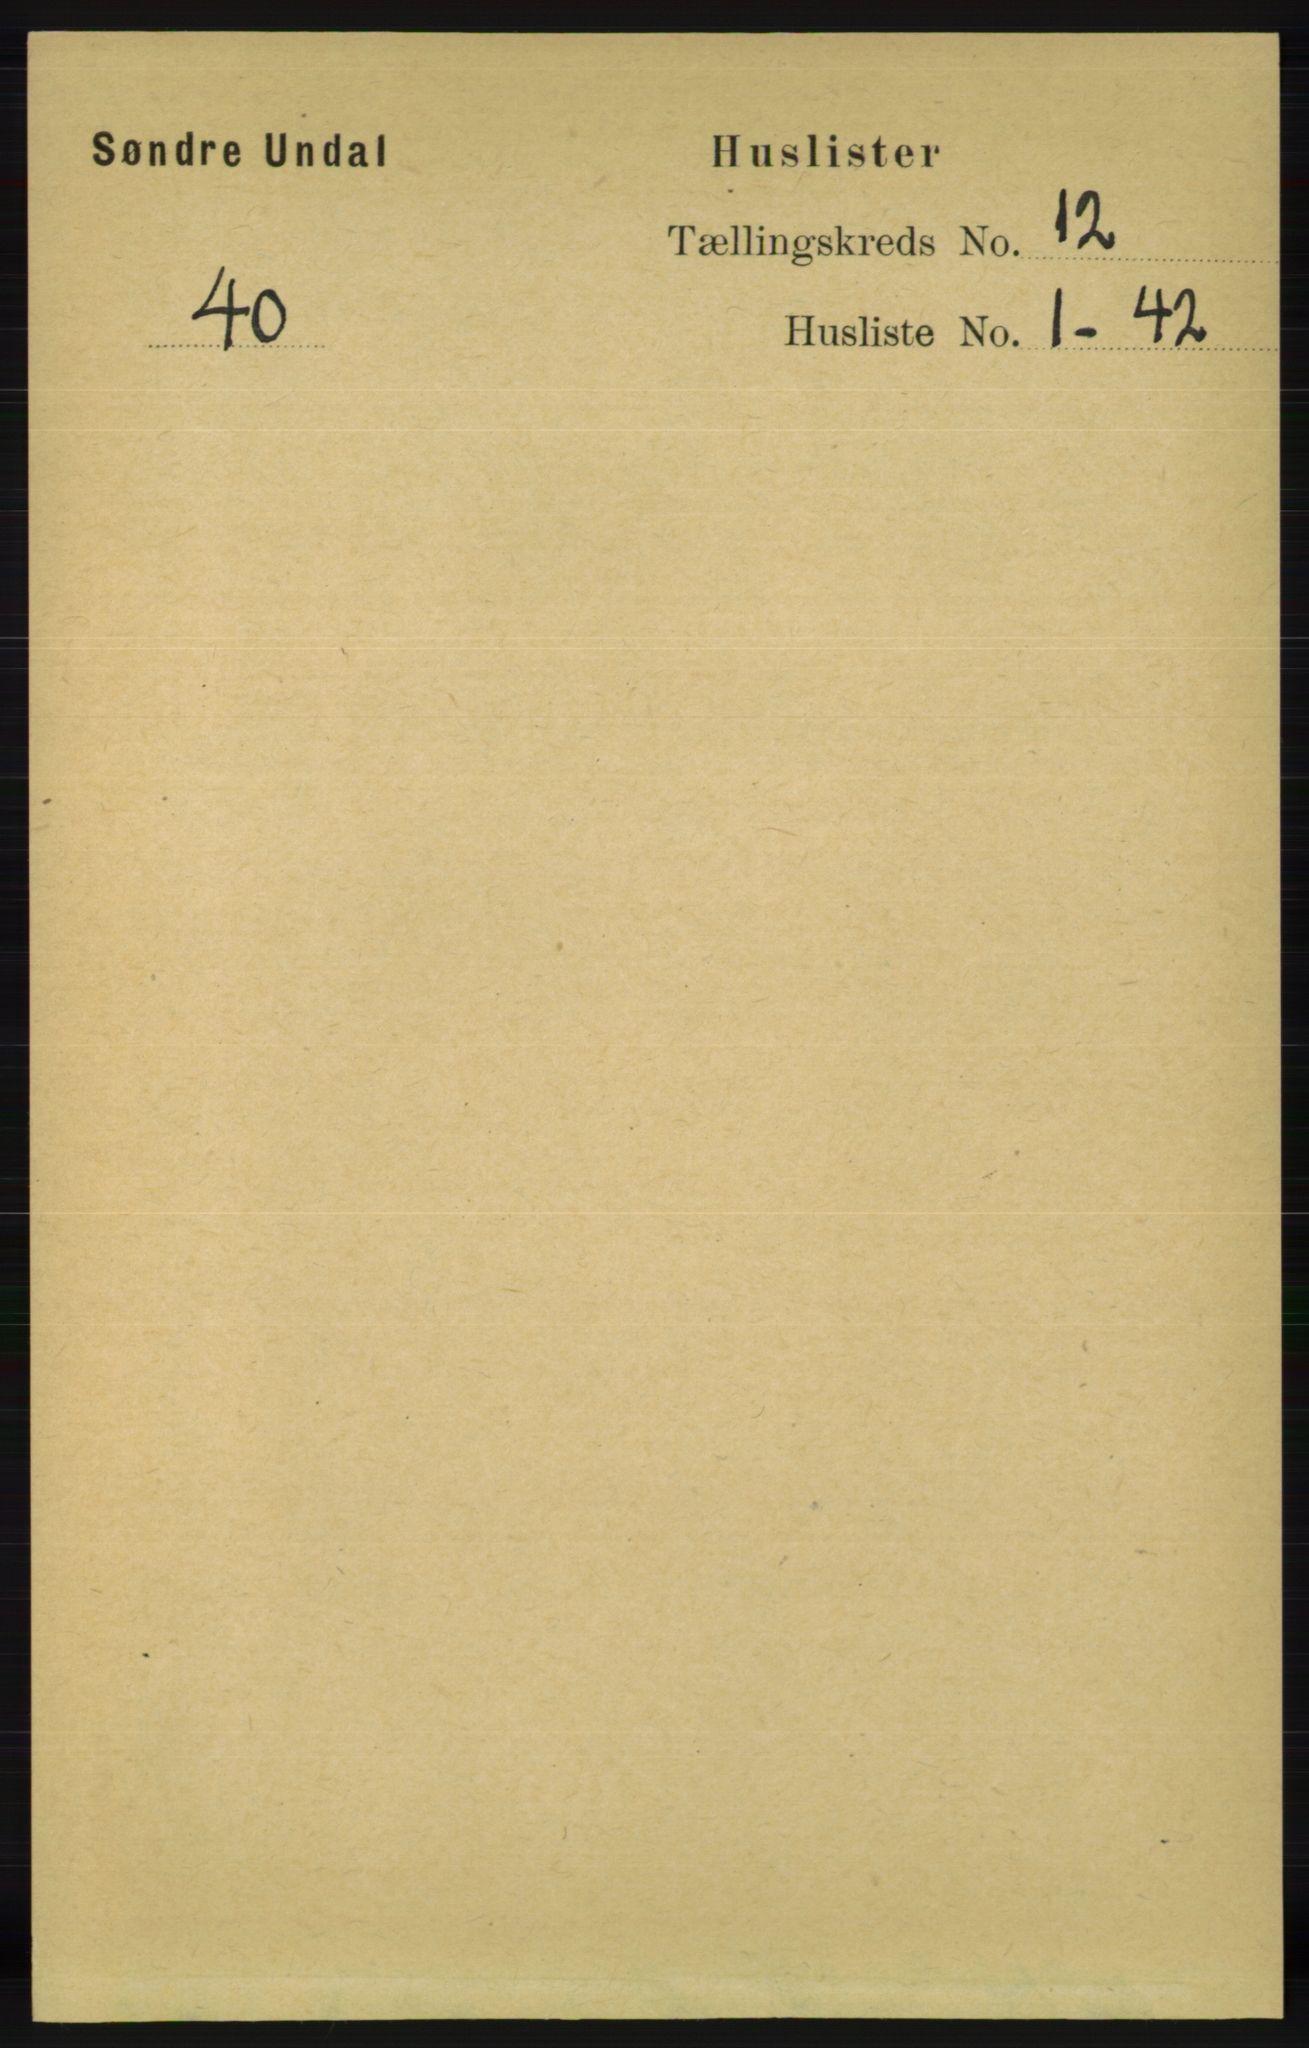 RA, Folketelling 1891 for 1029 Sør-Audnedal herred, 1891, s. 5456